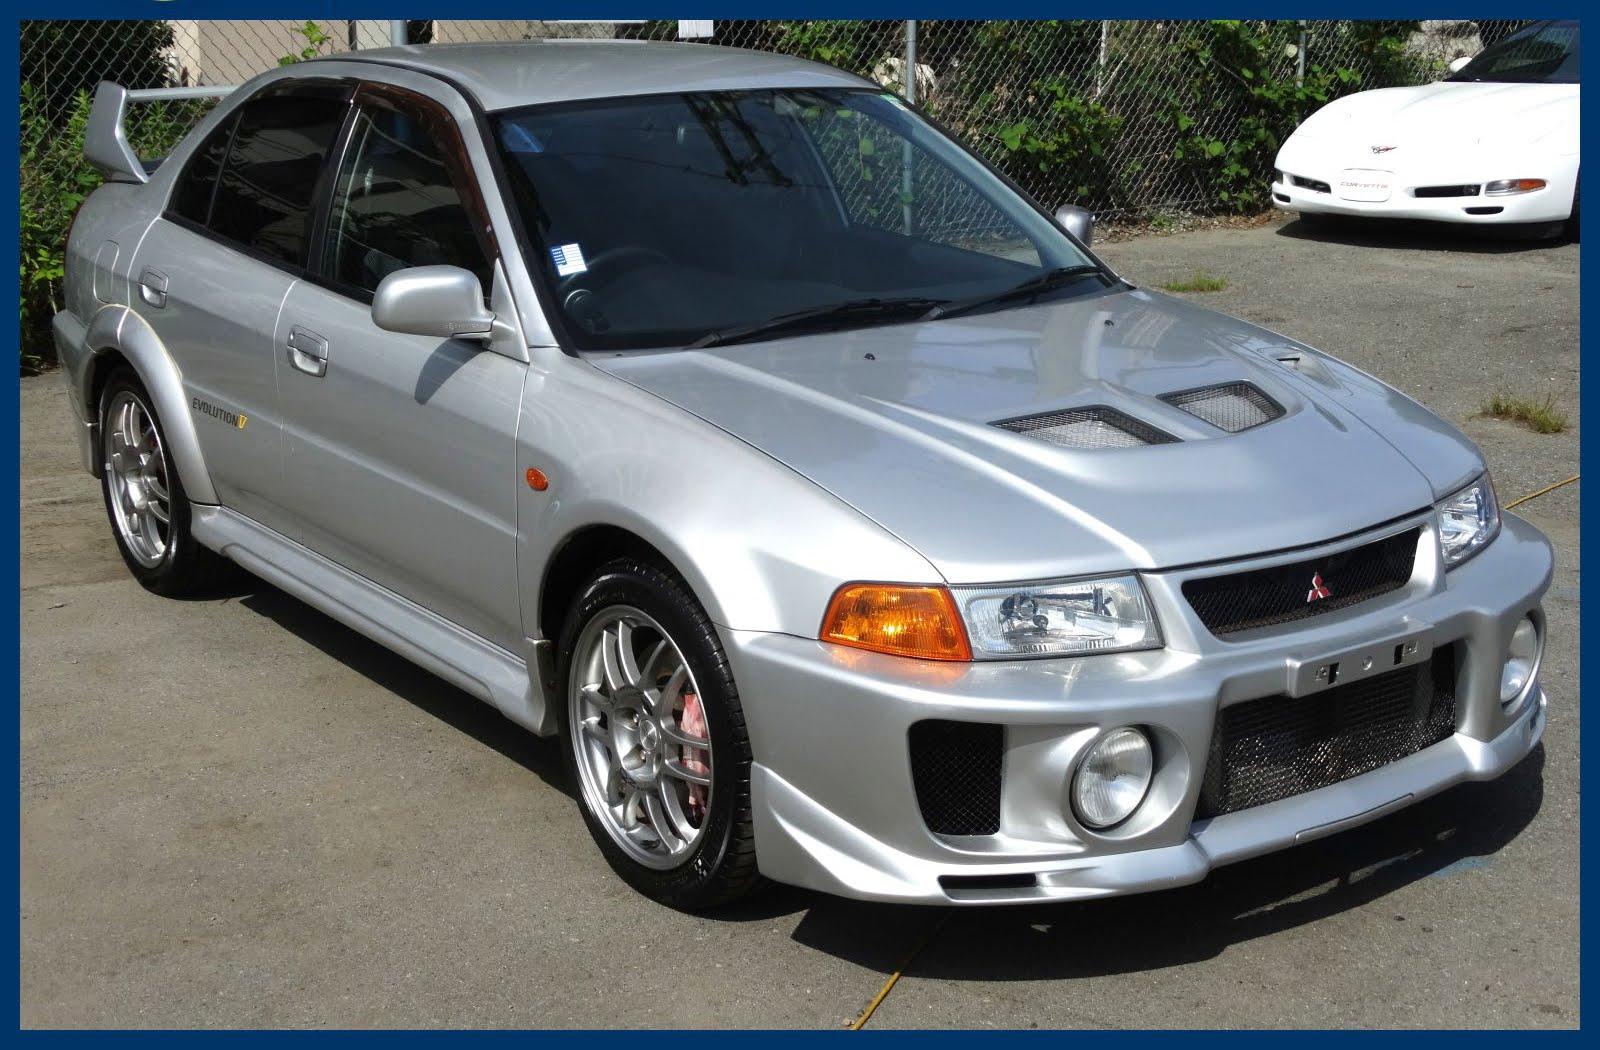 Mitsubishi Lancer Evolution V 1998 - 1999 Sedan #4